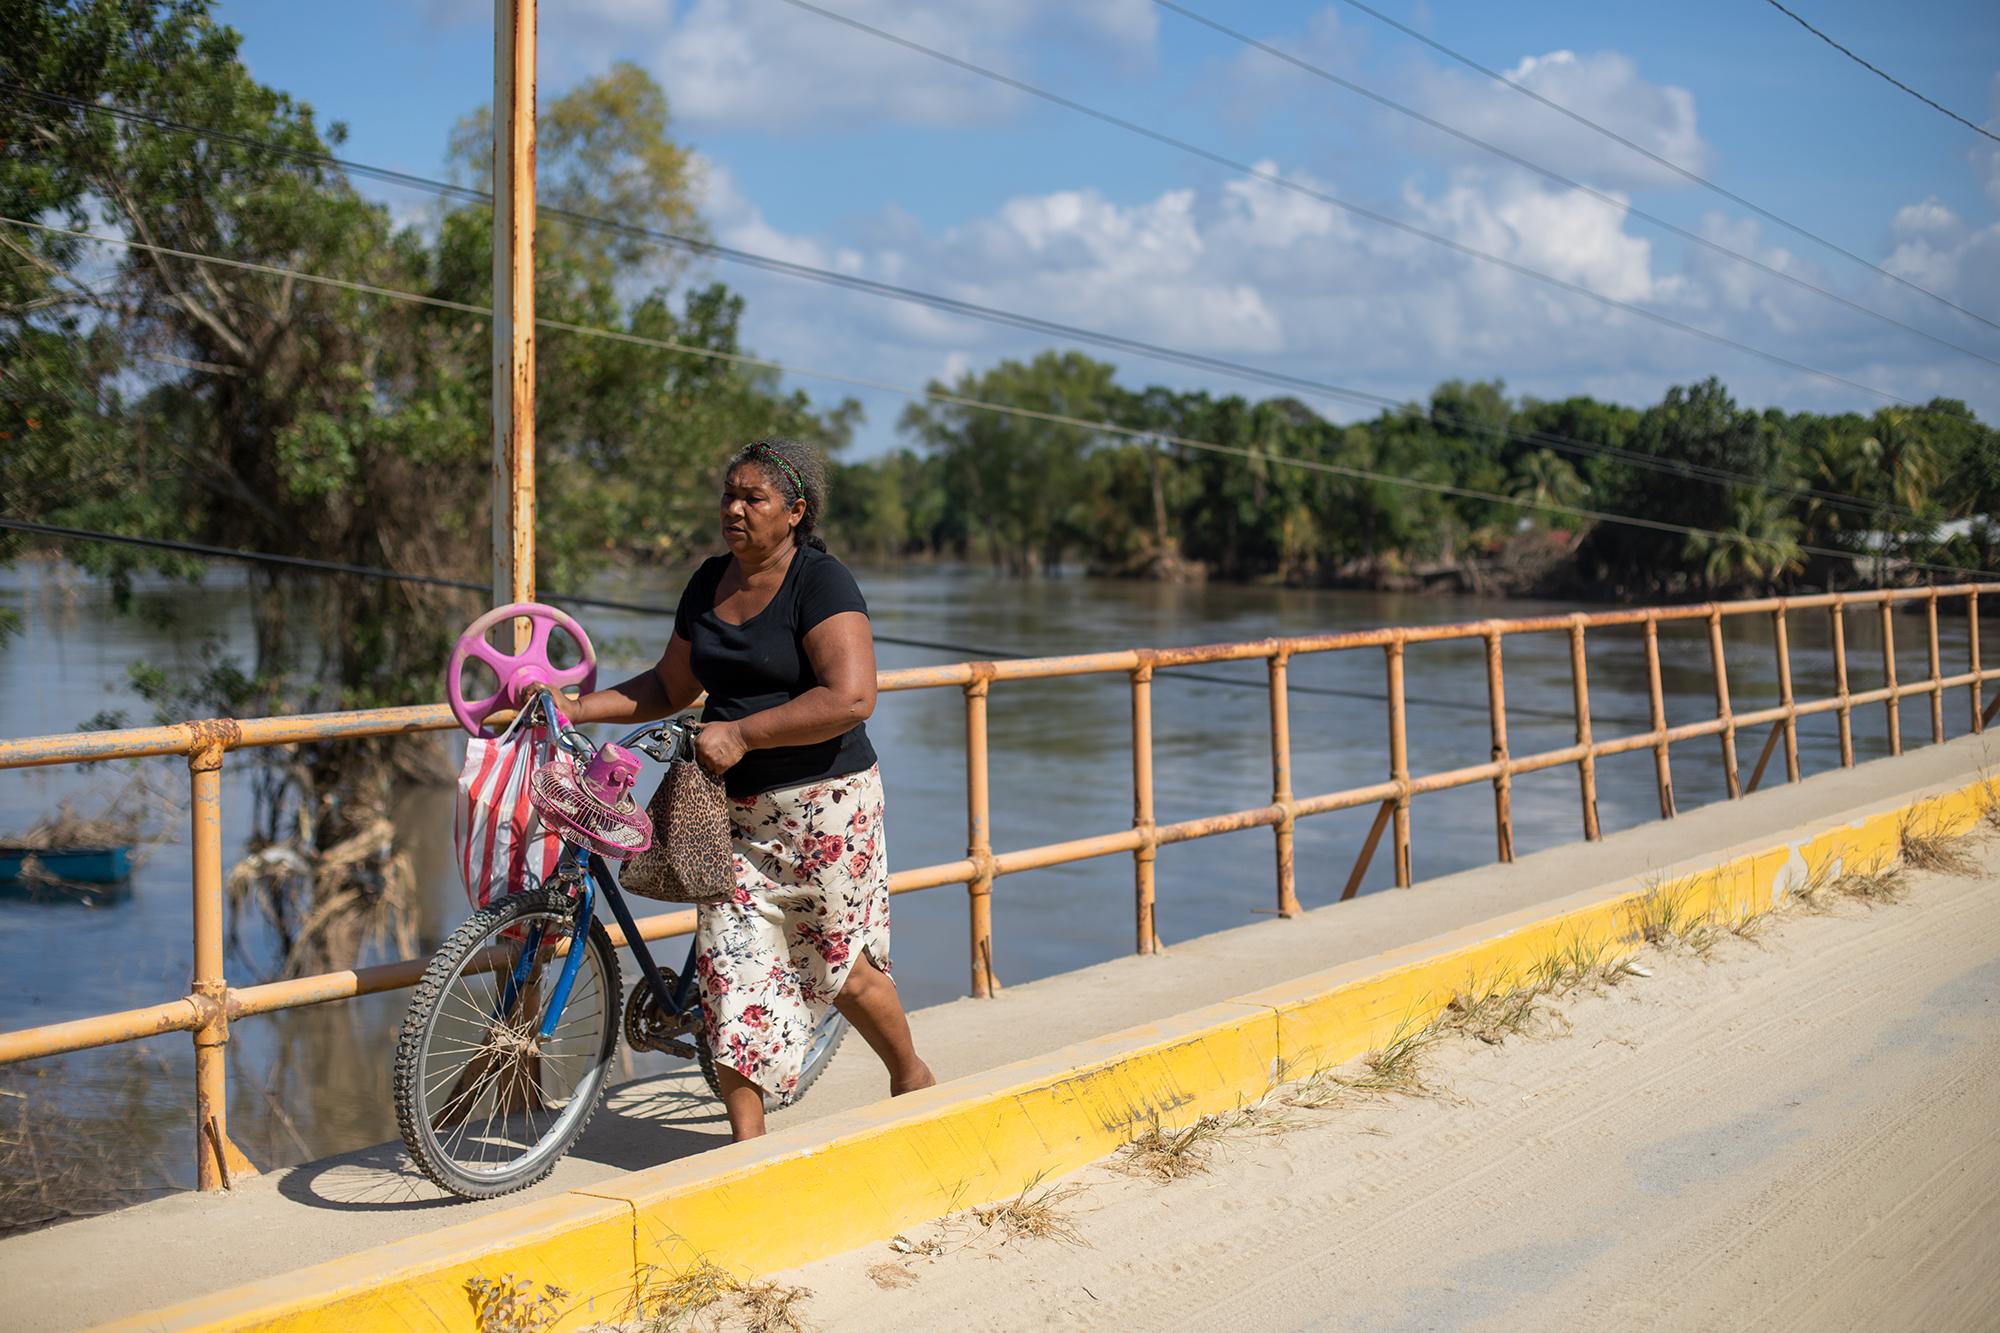 Una mujer atraviesa el puente bailey de la comunidad de Baracoa, un puente que según los pobladores podría venirse abajo y dejar incomunicadas la comunidades hacia adentro por el debilitamiento de la tierra que está cediendo ante la crecida del río Chamelecón. Baracoa, Cortés, 15 de noviembre de 2020. Foto: Martín Cálix.